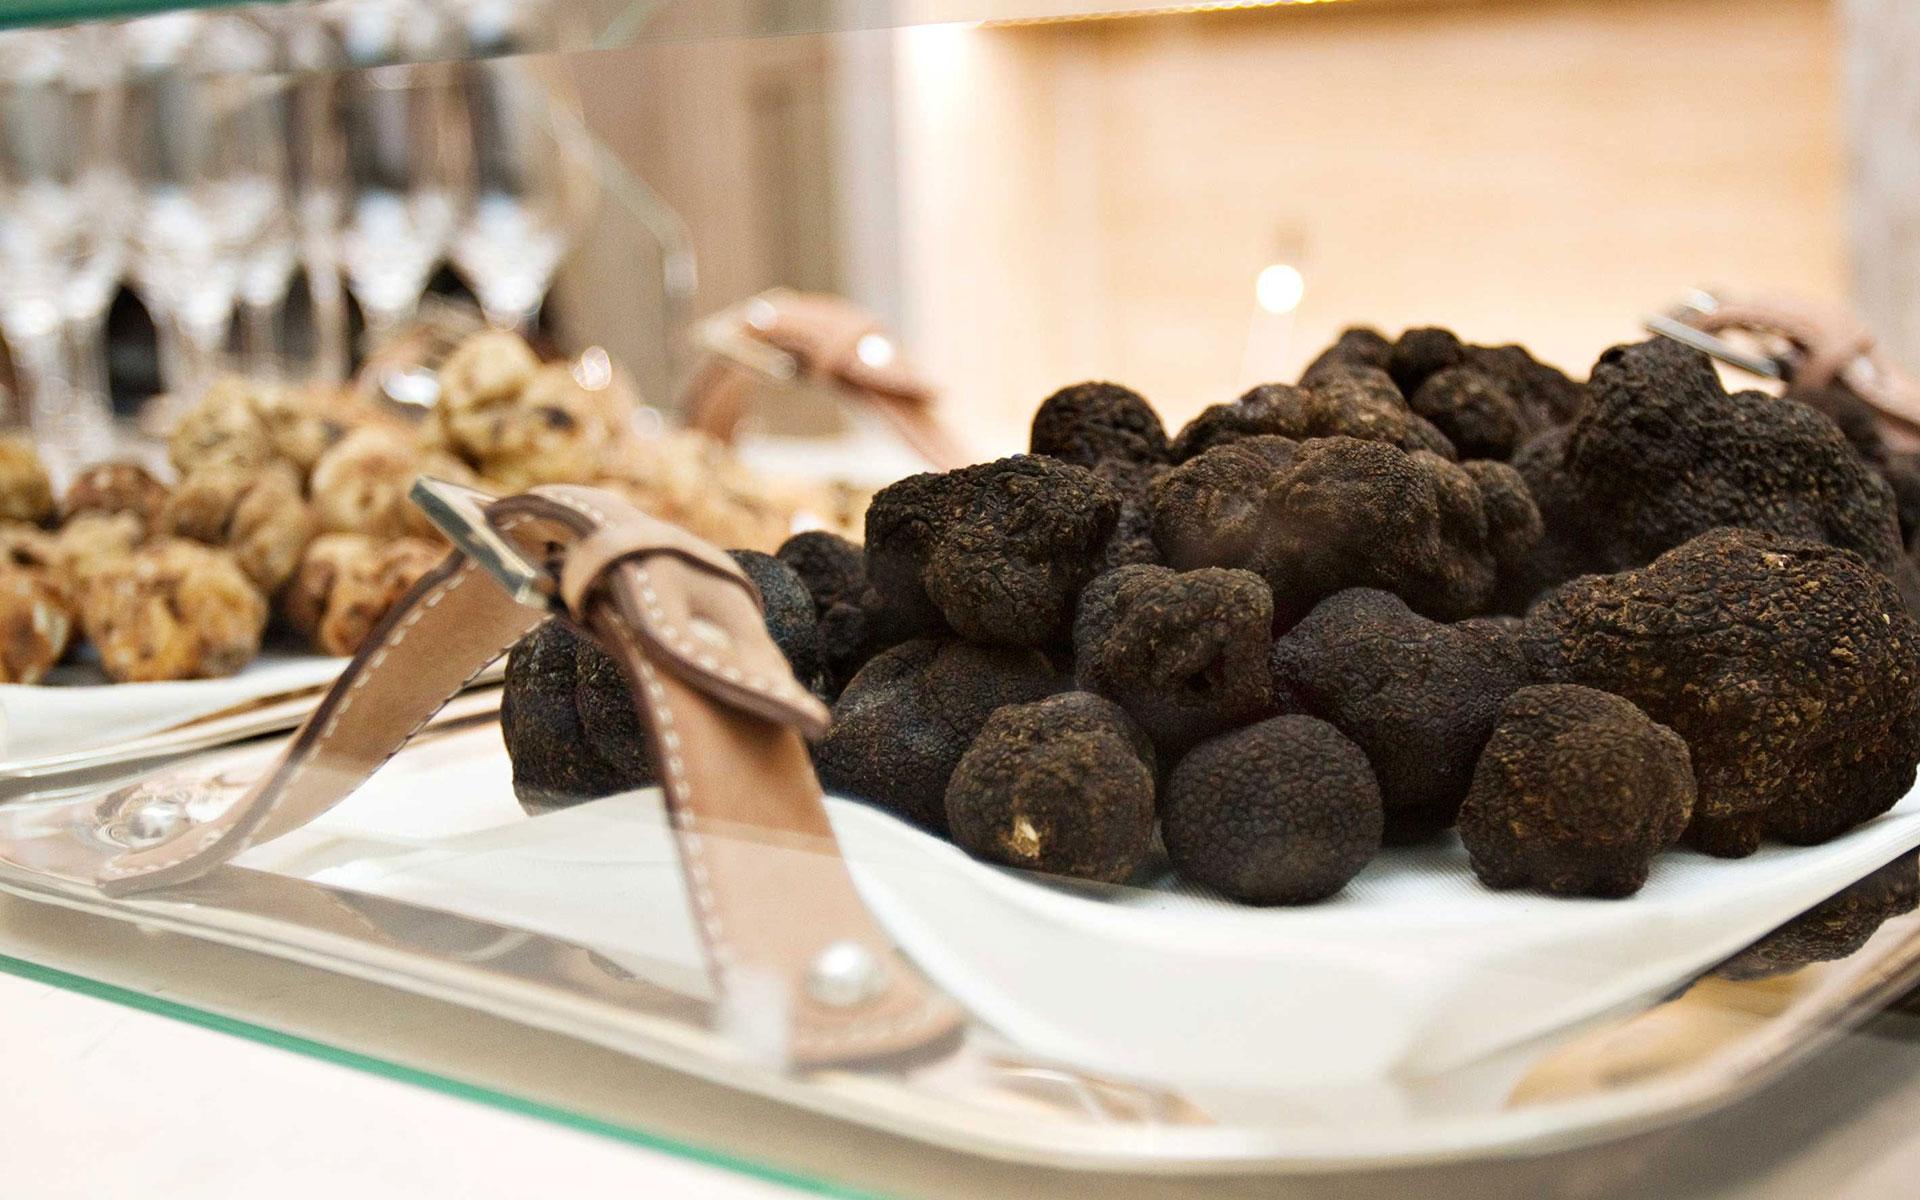 Köstliche Trüffel-Kreationen<br>von Savini Tartufi